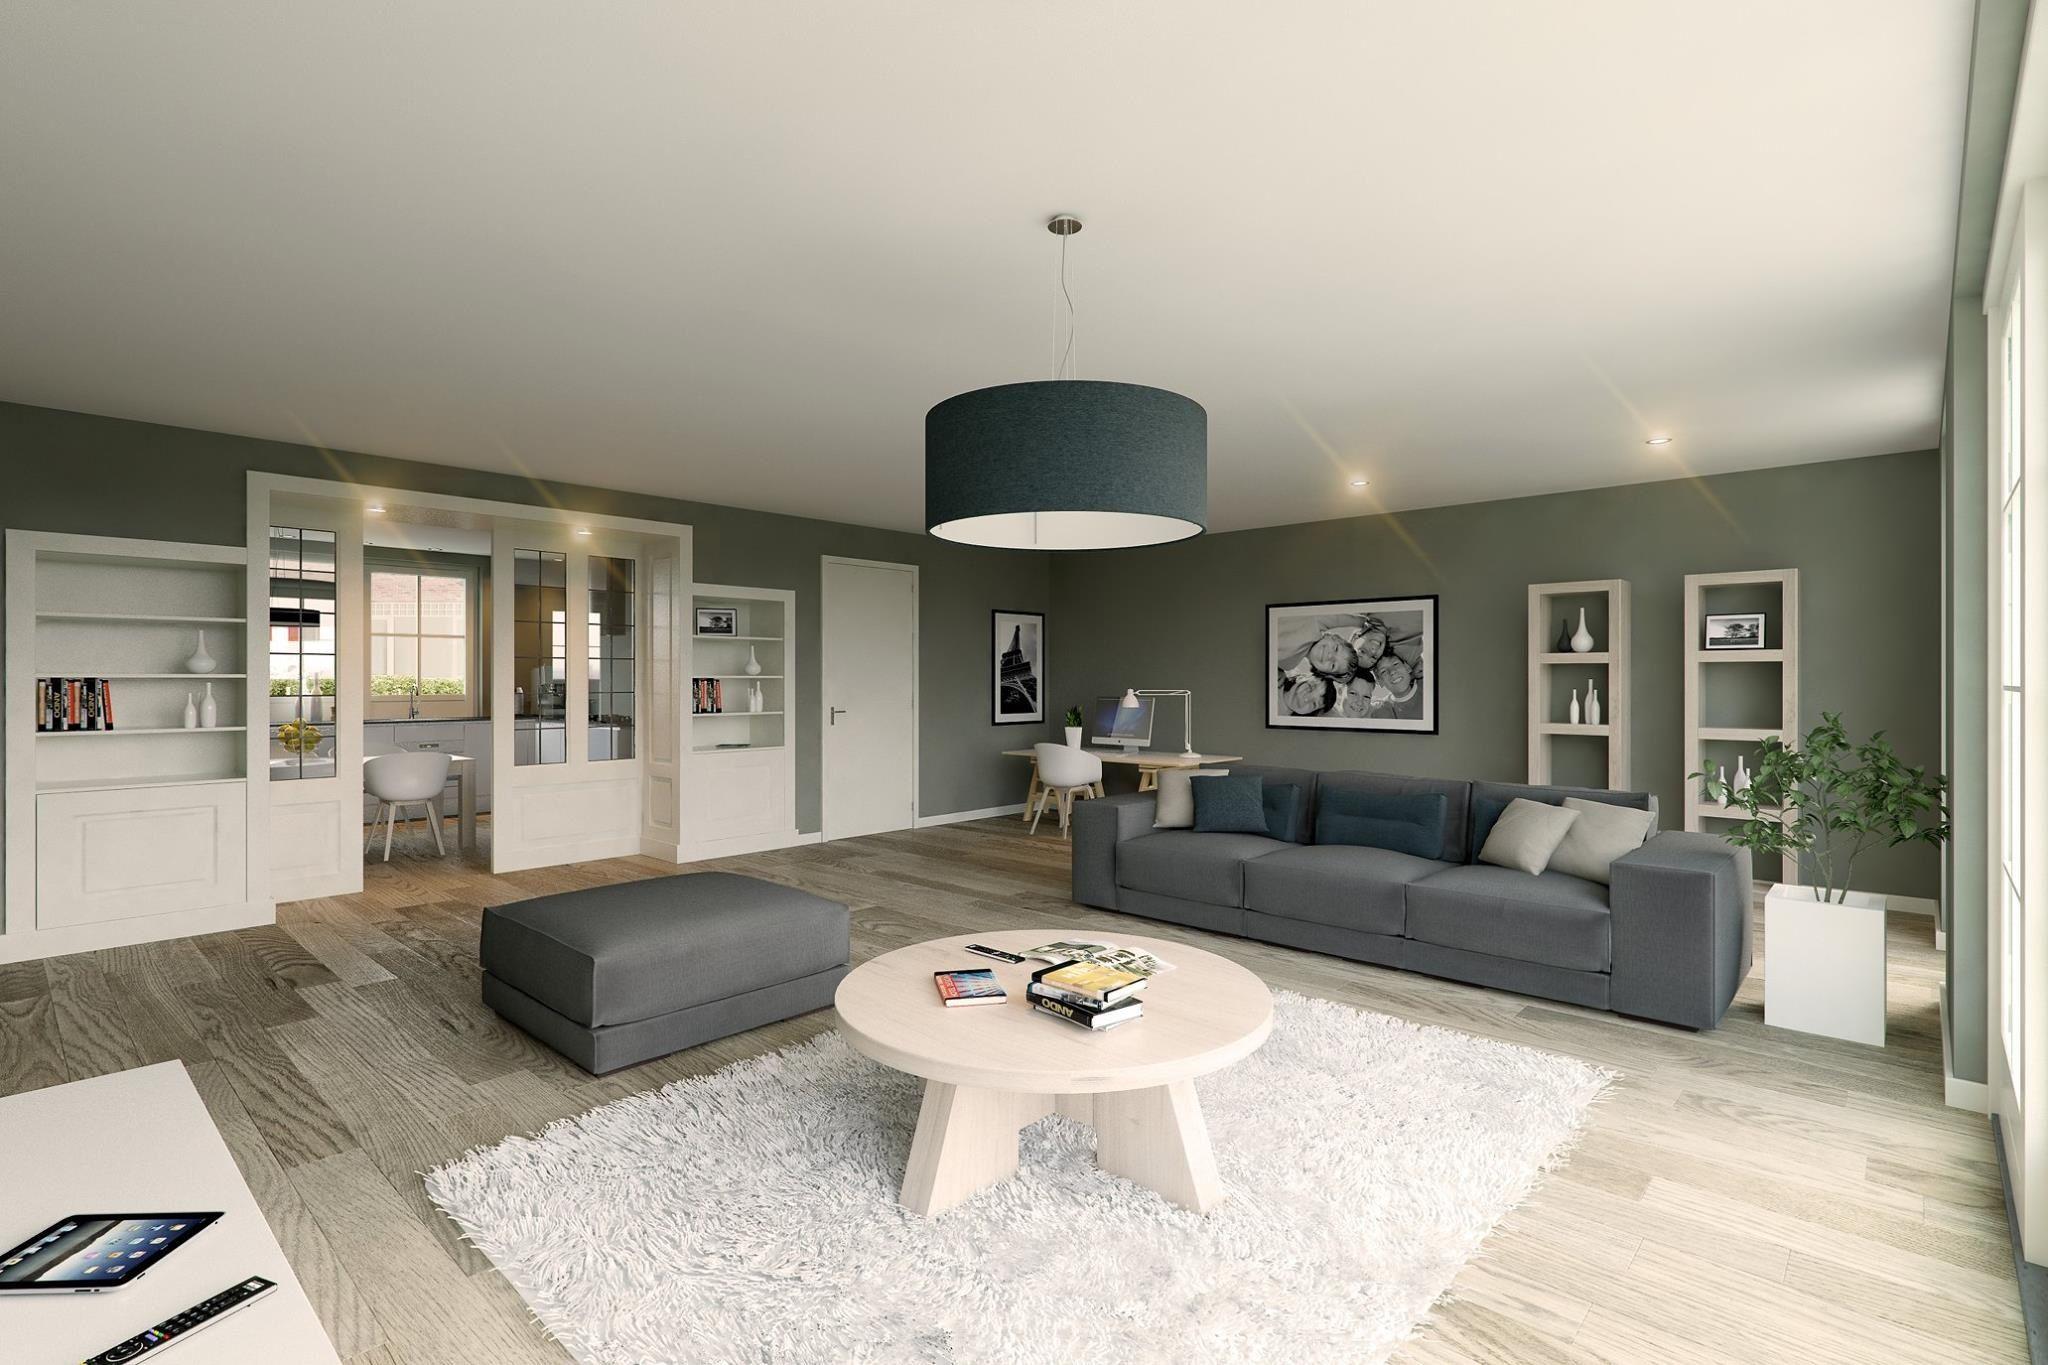 Huiskamer idee n voor het huis pinterest living for Interieur ideeen living